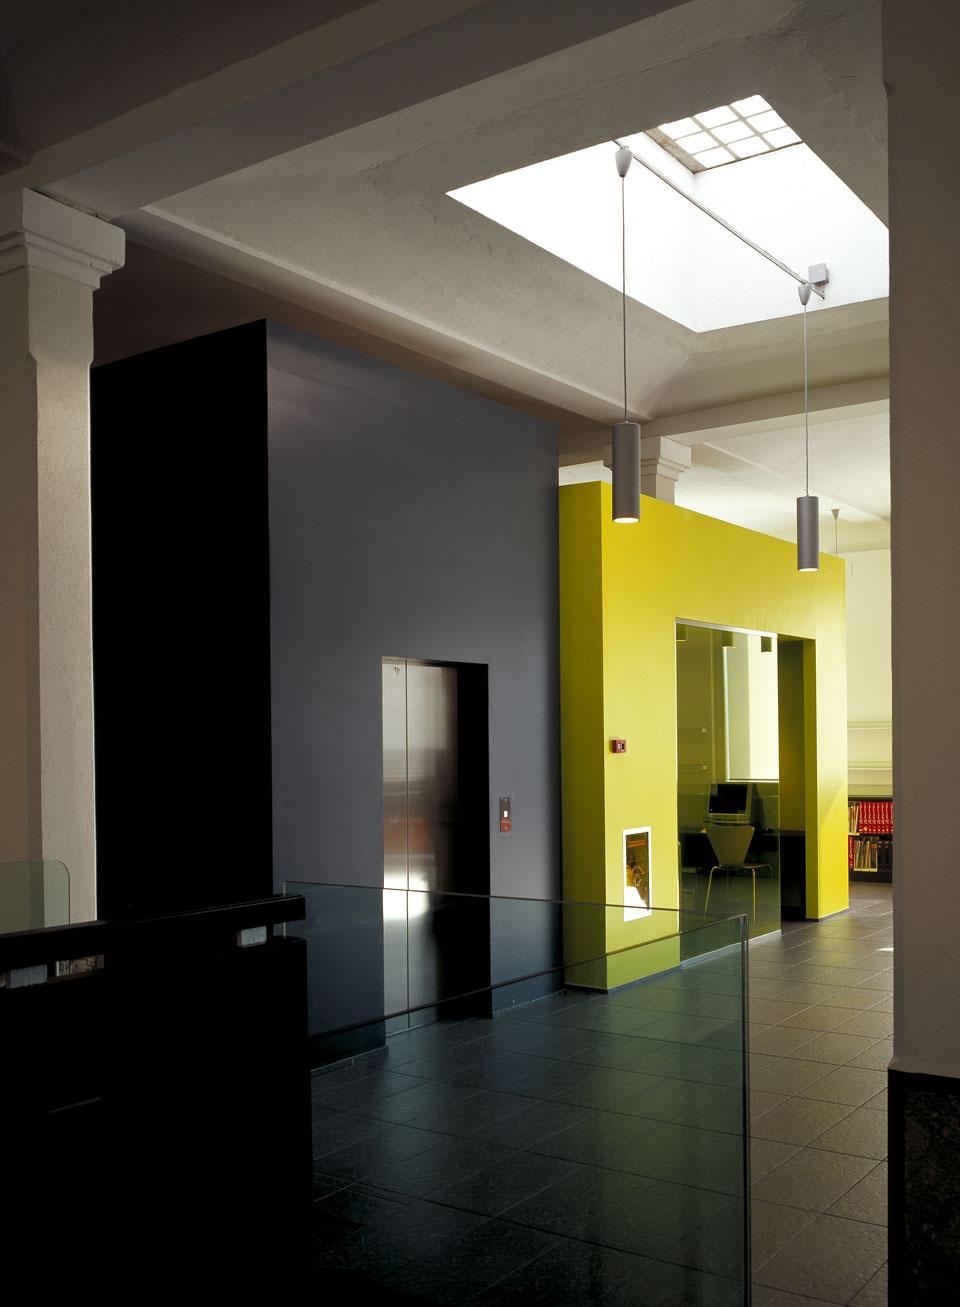 Inarsind_premio_architettura_2010_11--Cancellerini---Biblioteca-a-Castellanza_2